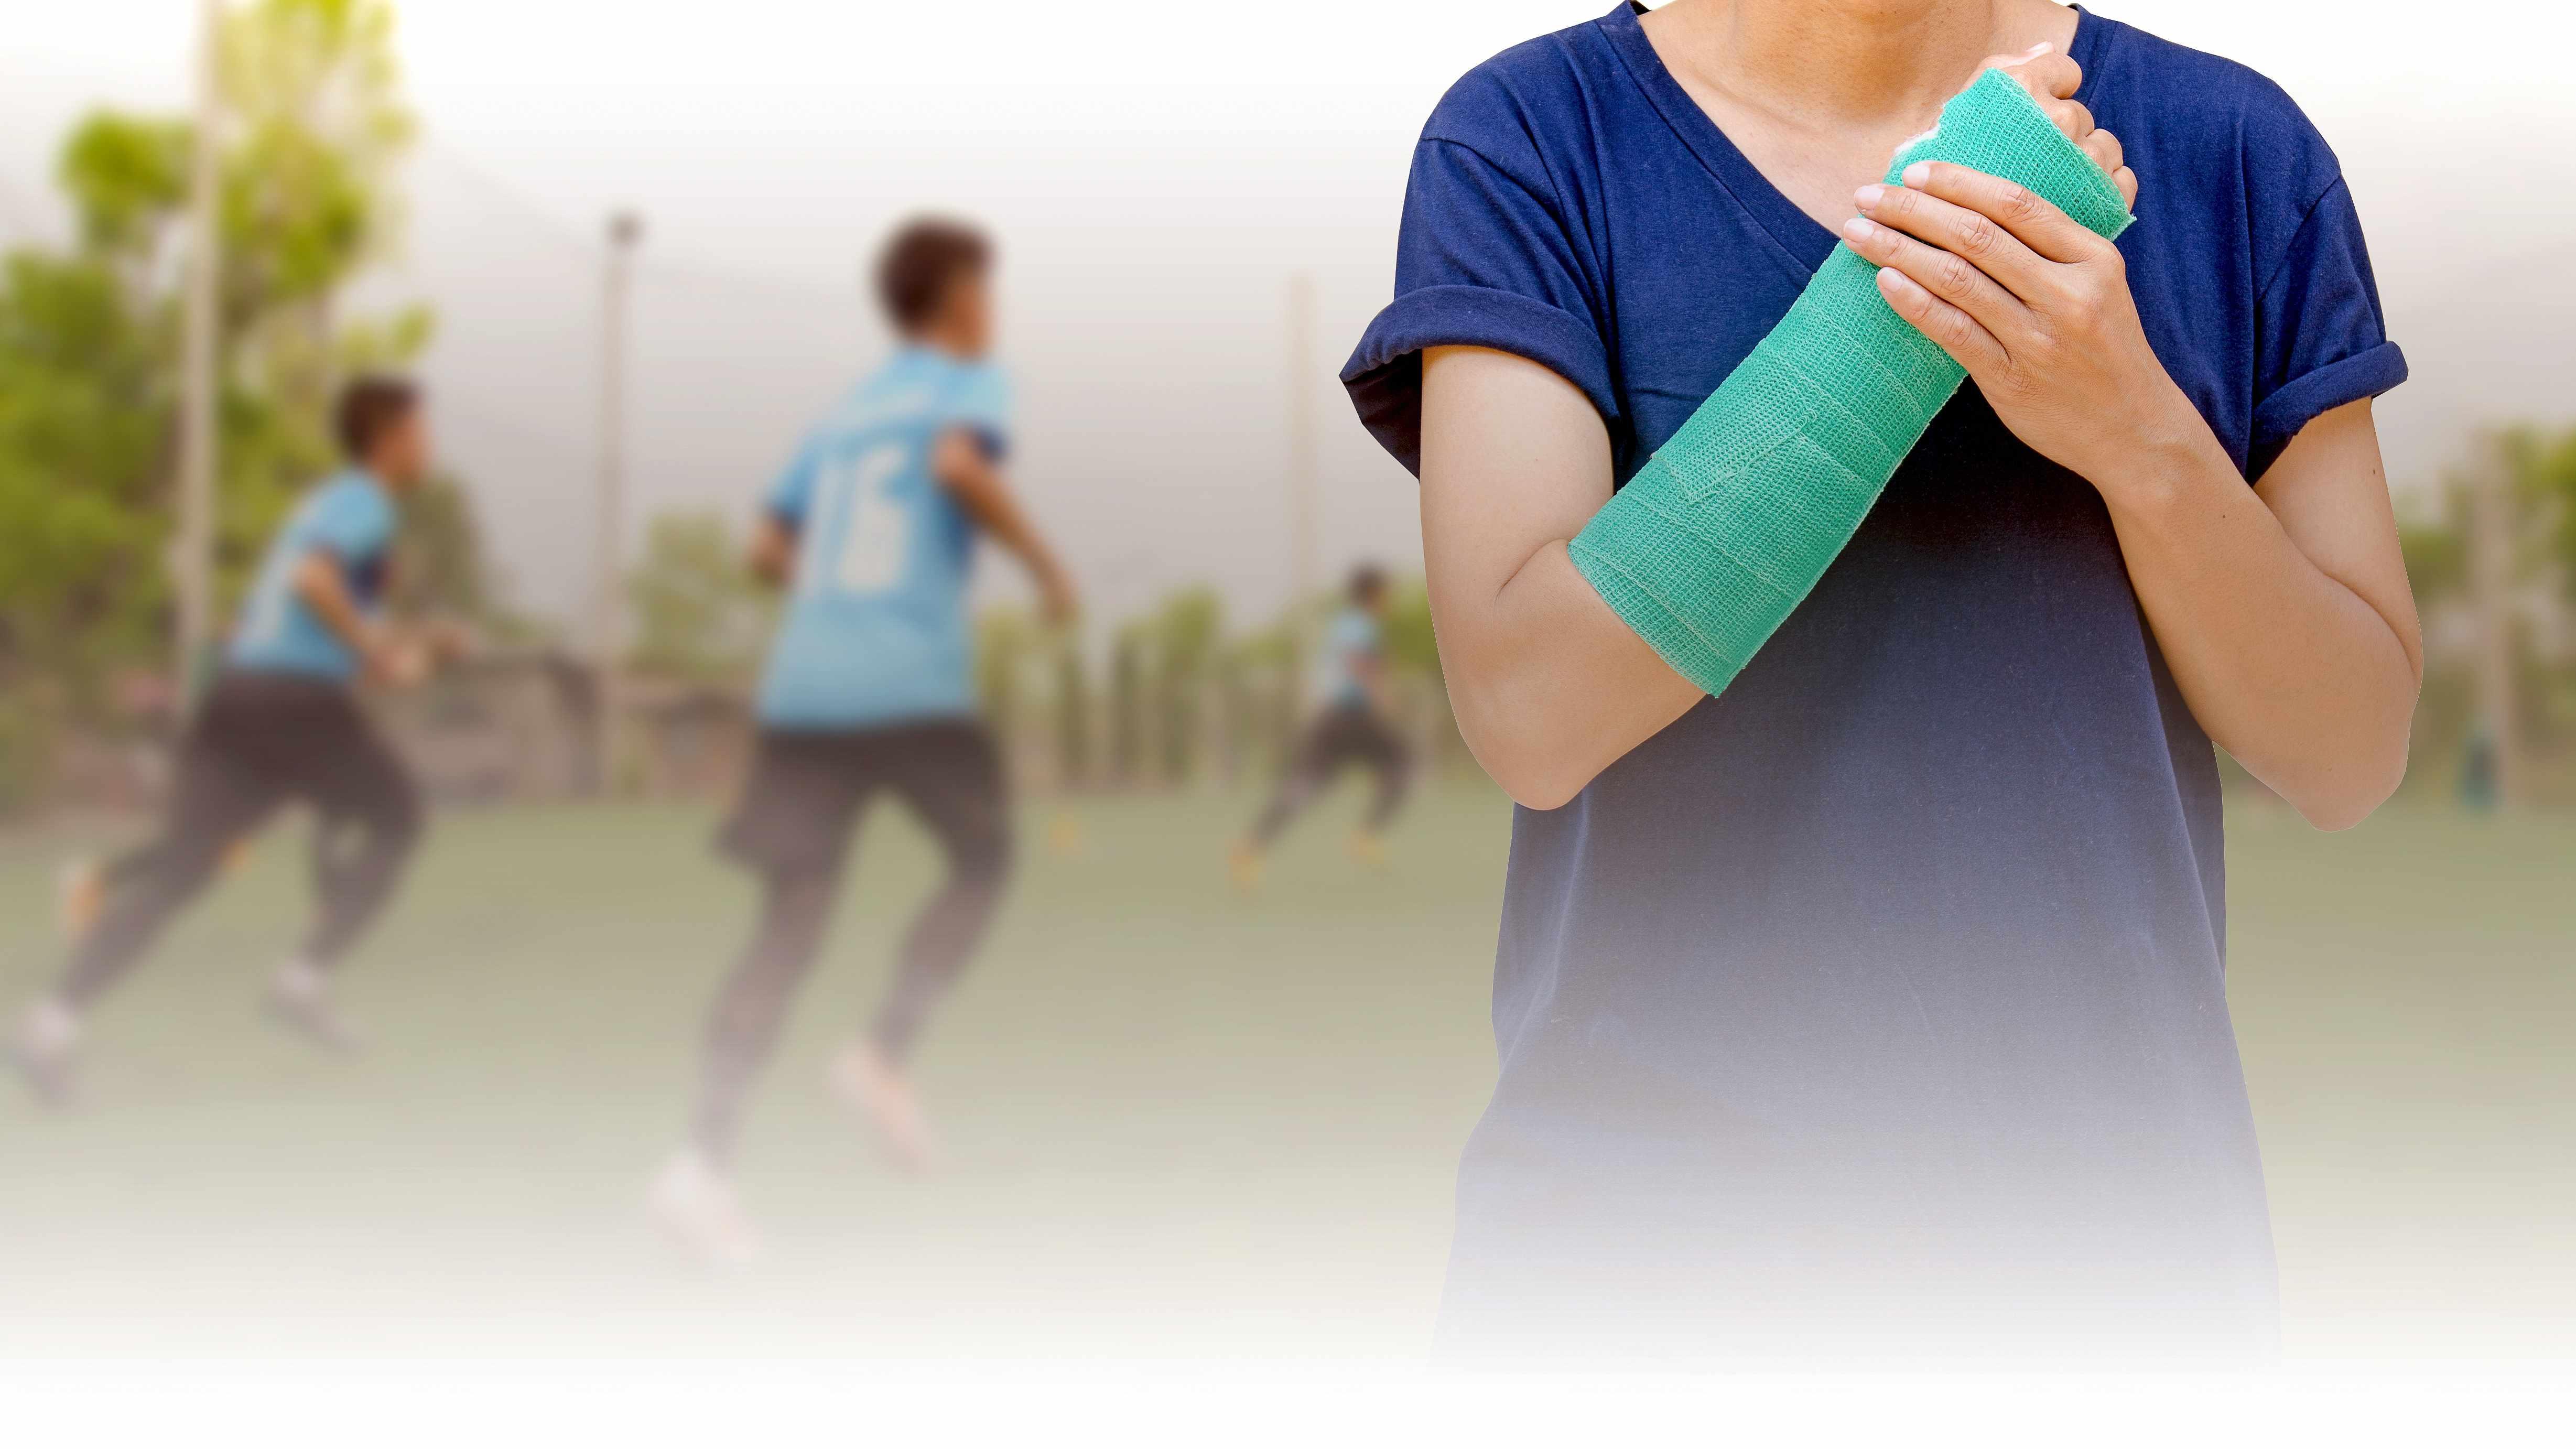 Un adolescente con un yeso en el brazo, que va de la muñeca al codo, de pie frente a otros adolescentes que juegan fútbol